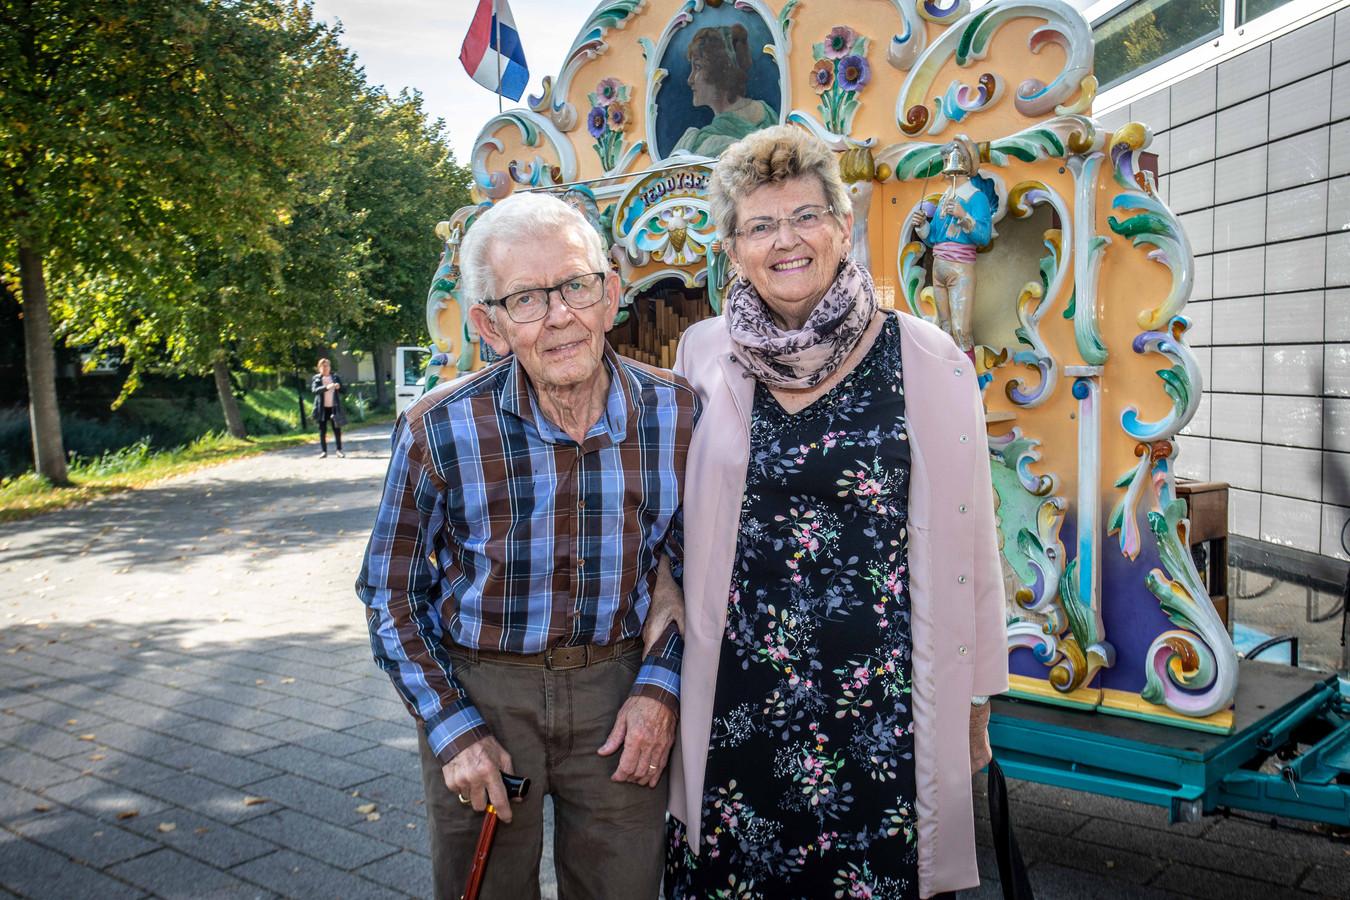 Jan en Sabien Boonman zijn 55 jaar getrouwd. Bij aankomst worden de bruidsparen ontvangen met muziek.